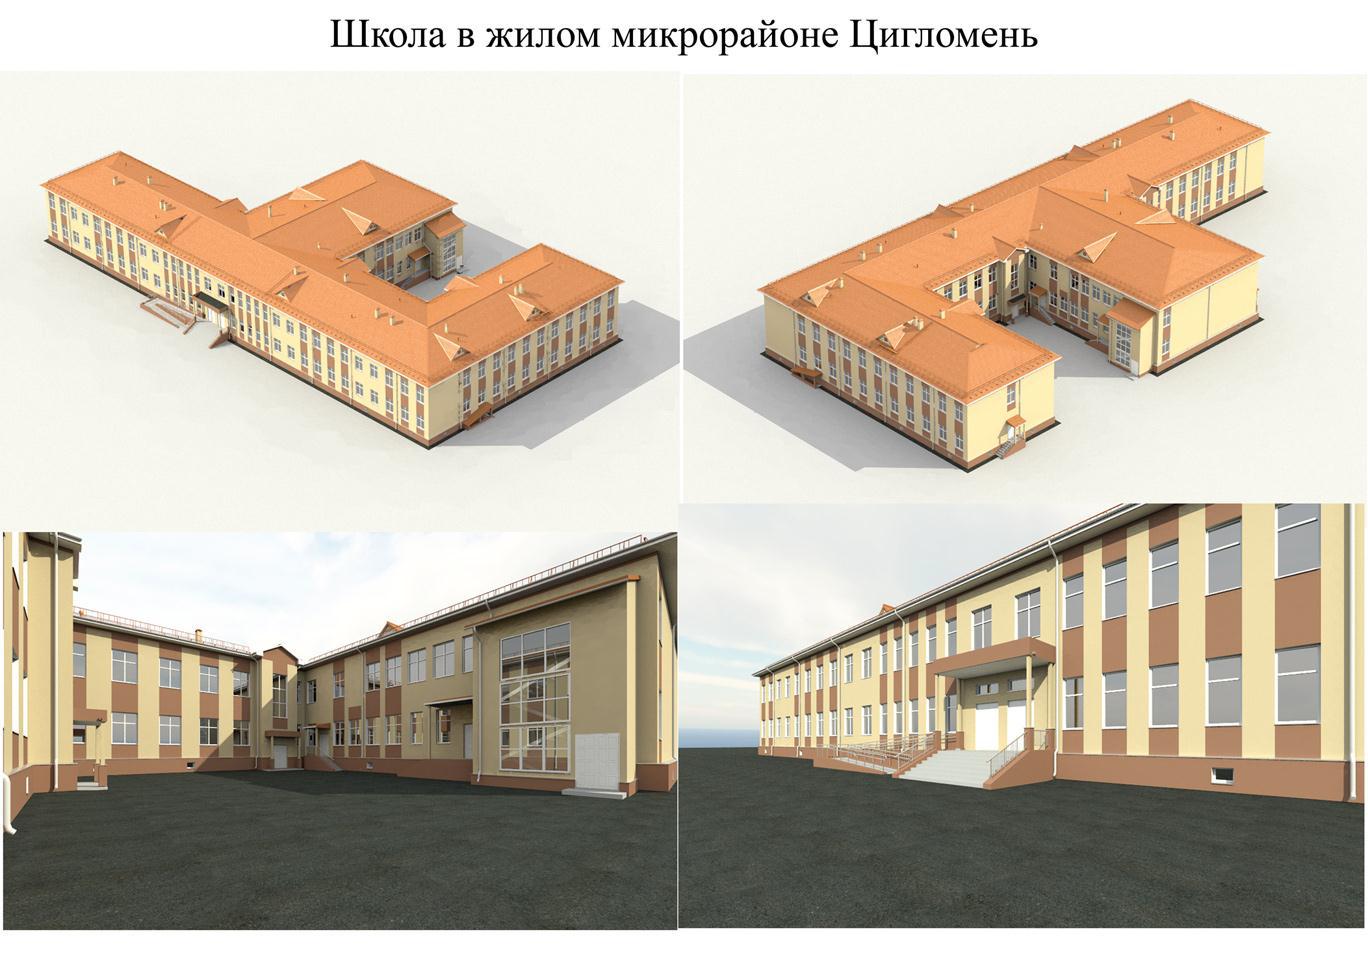 3D Модель Школы